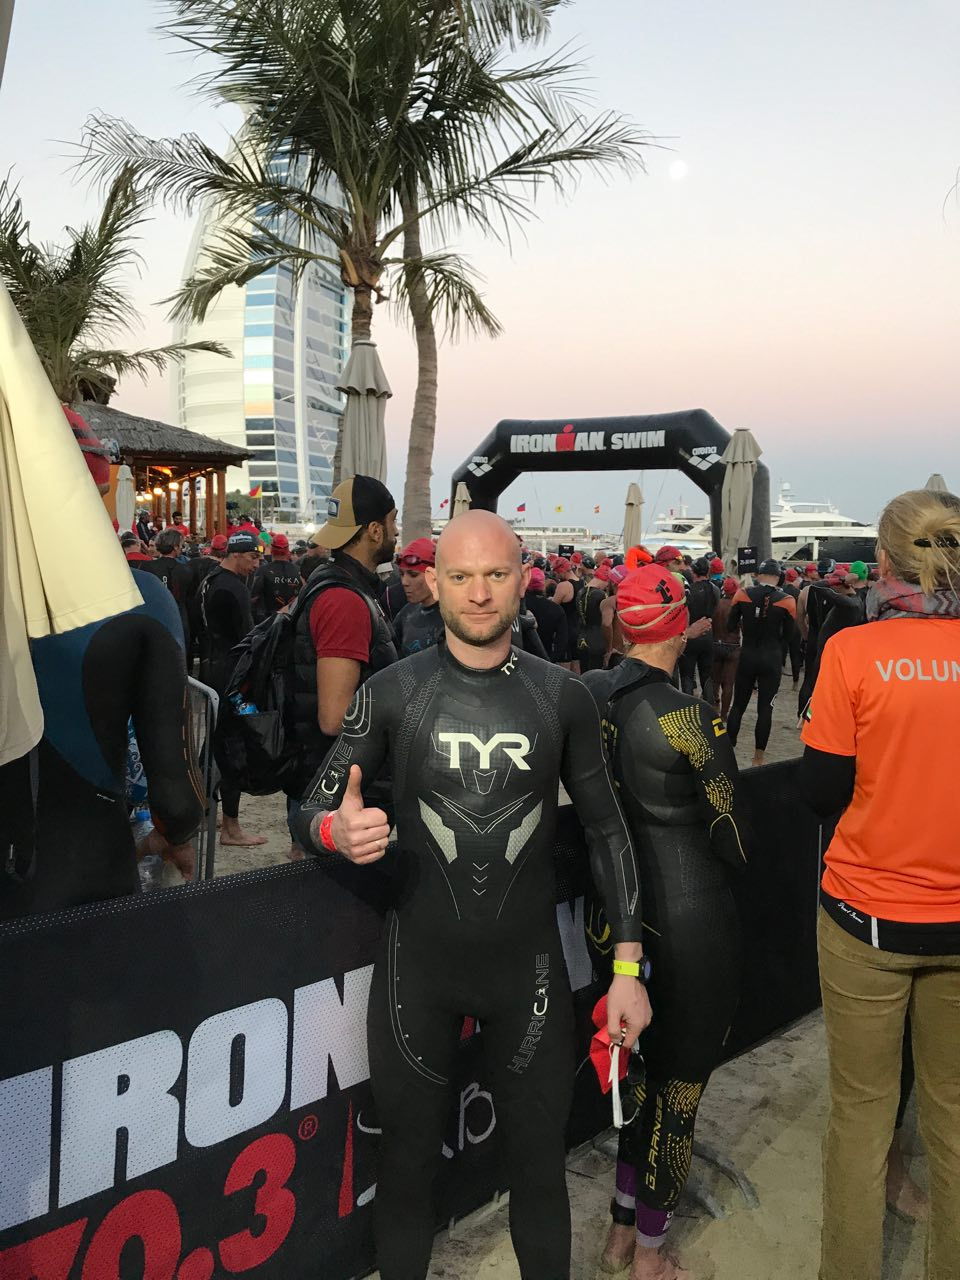 Перед началом Ironman 70.3 Dubai